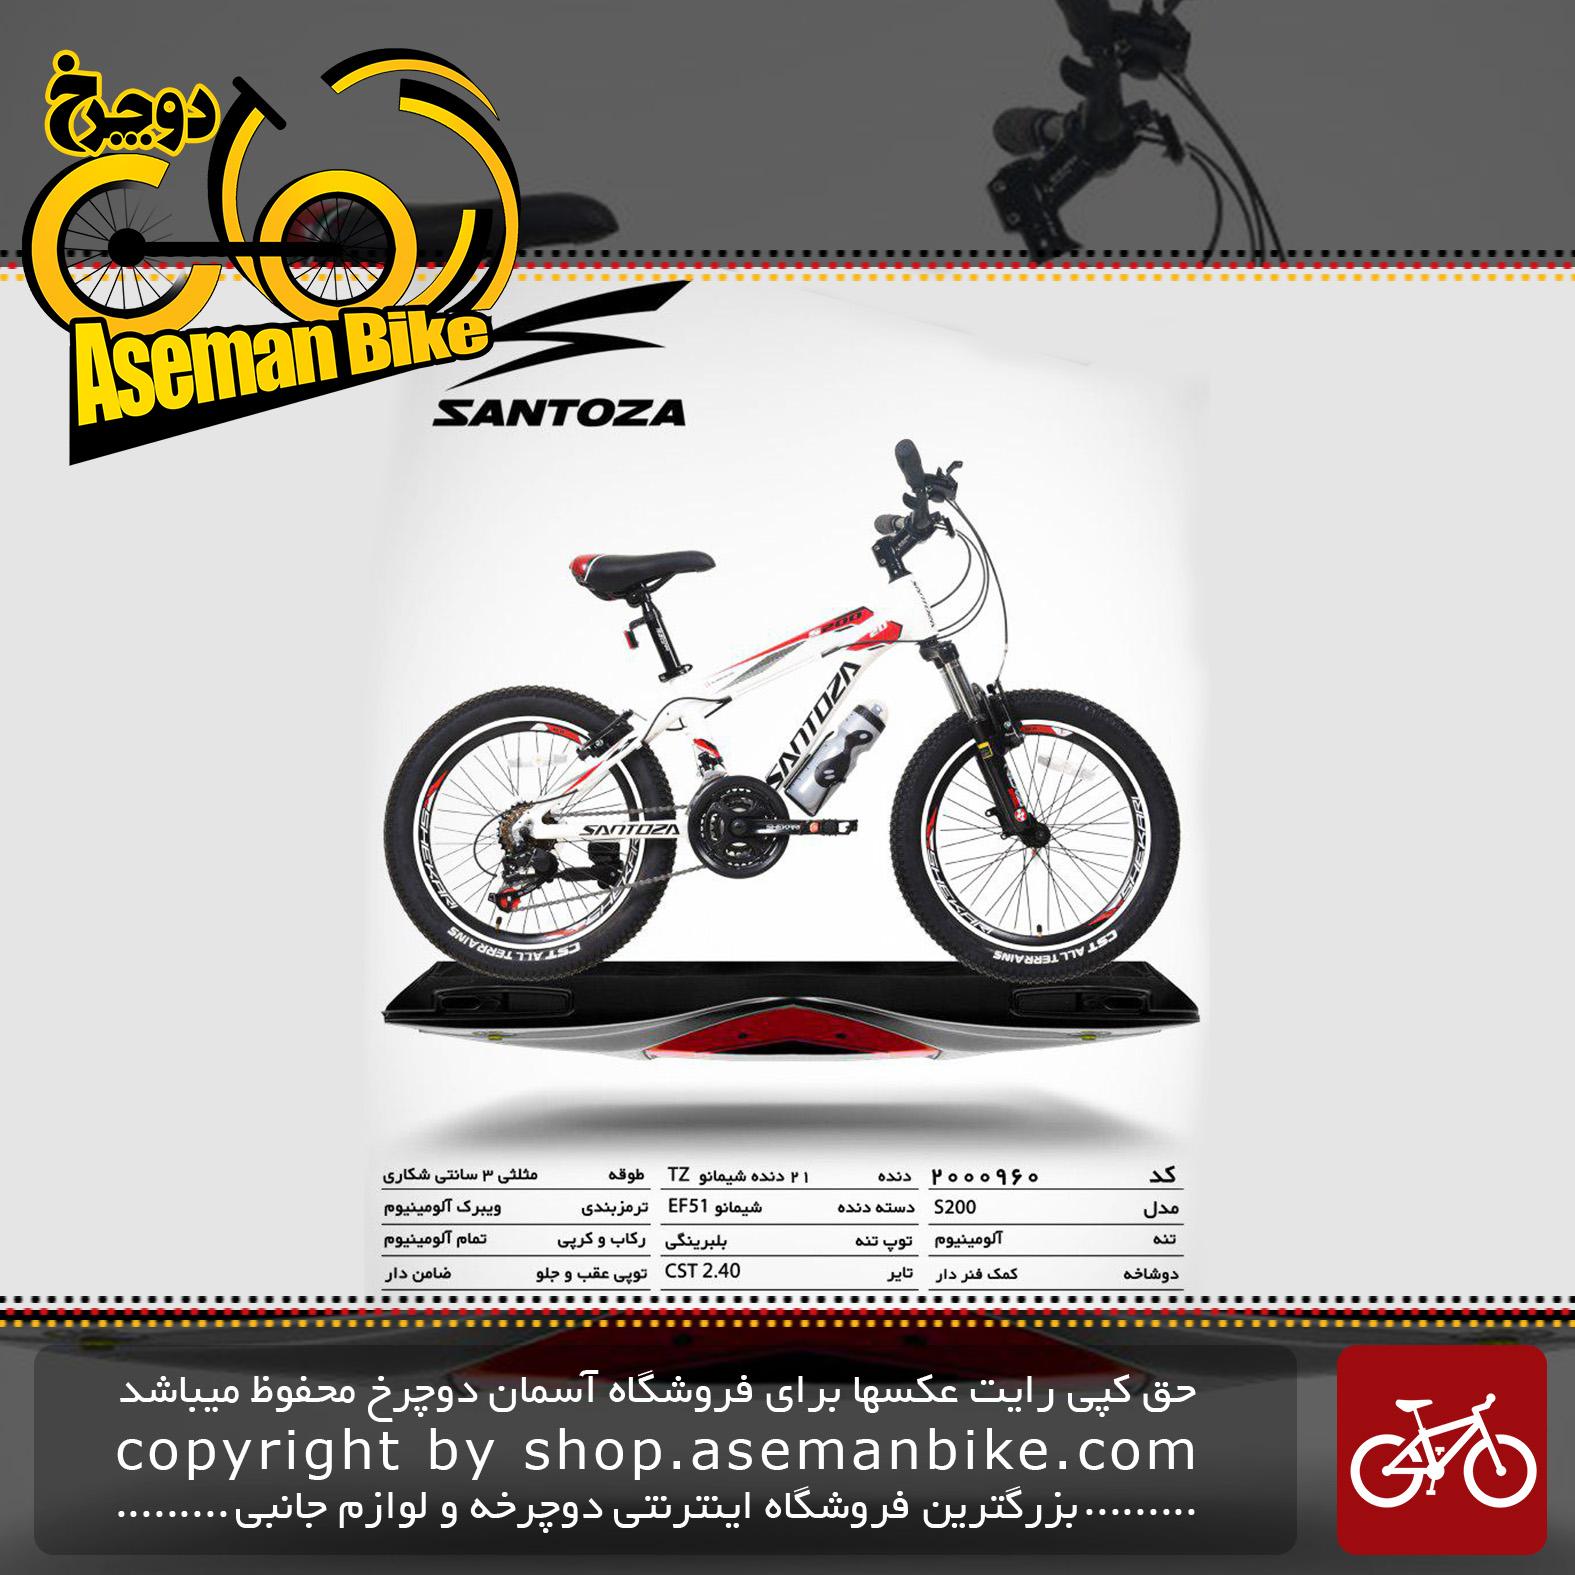 دوچرخه کوهستان سانتوزا 21 دنده شیمانو تورنی تنه آلمینیوم سایز 20 مدل اس200 santoza bicycle 20 21 speed shimano tourney tz aluminum vb s200 2019